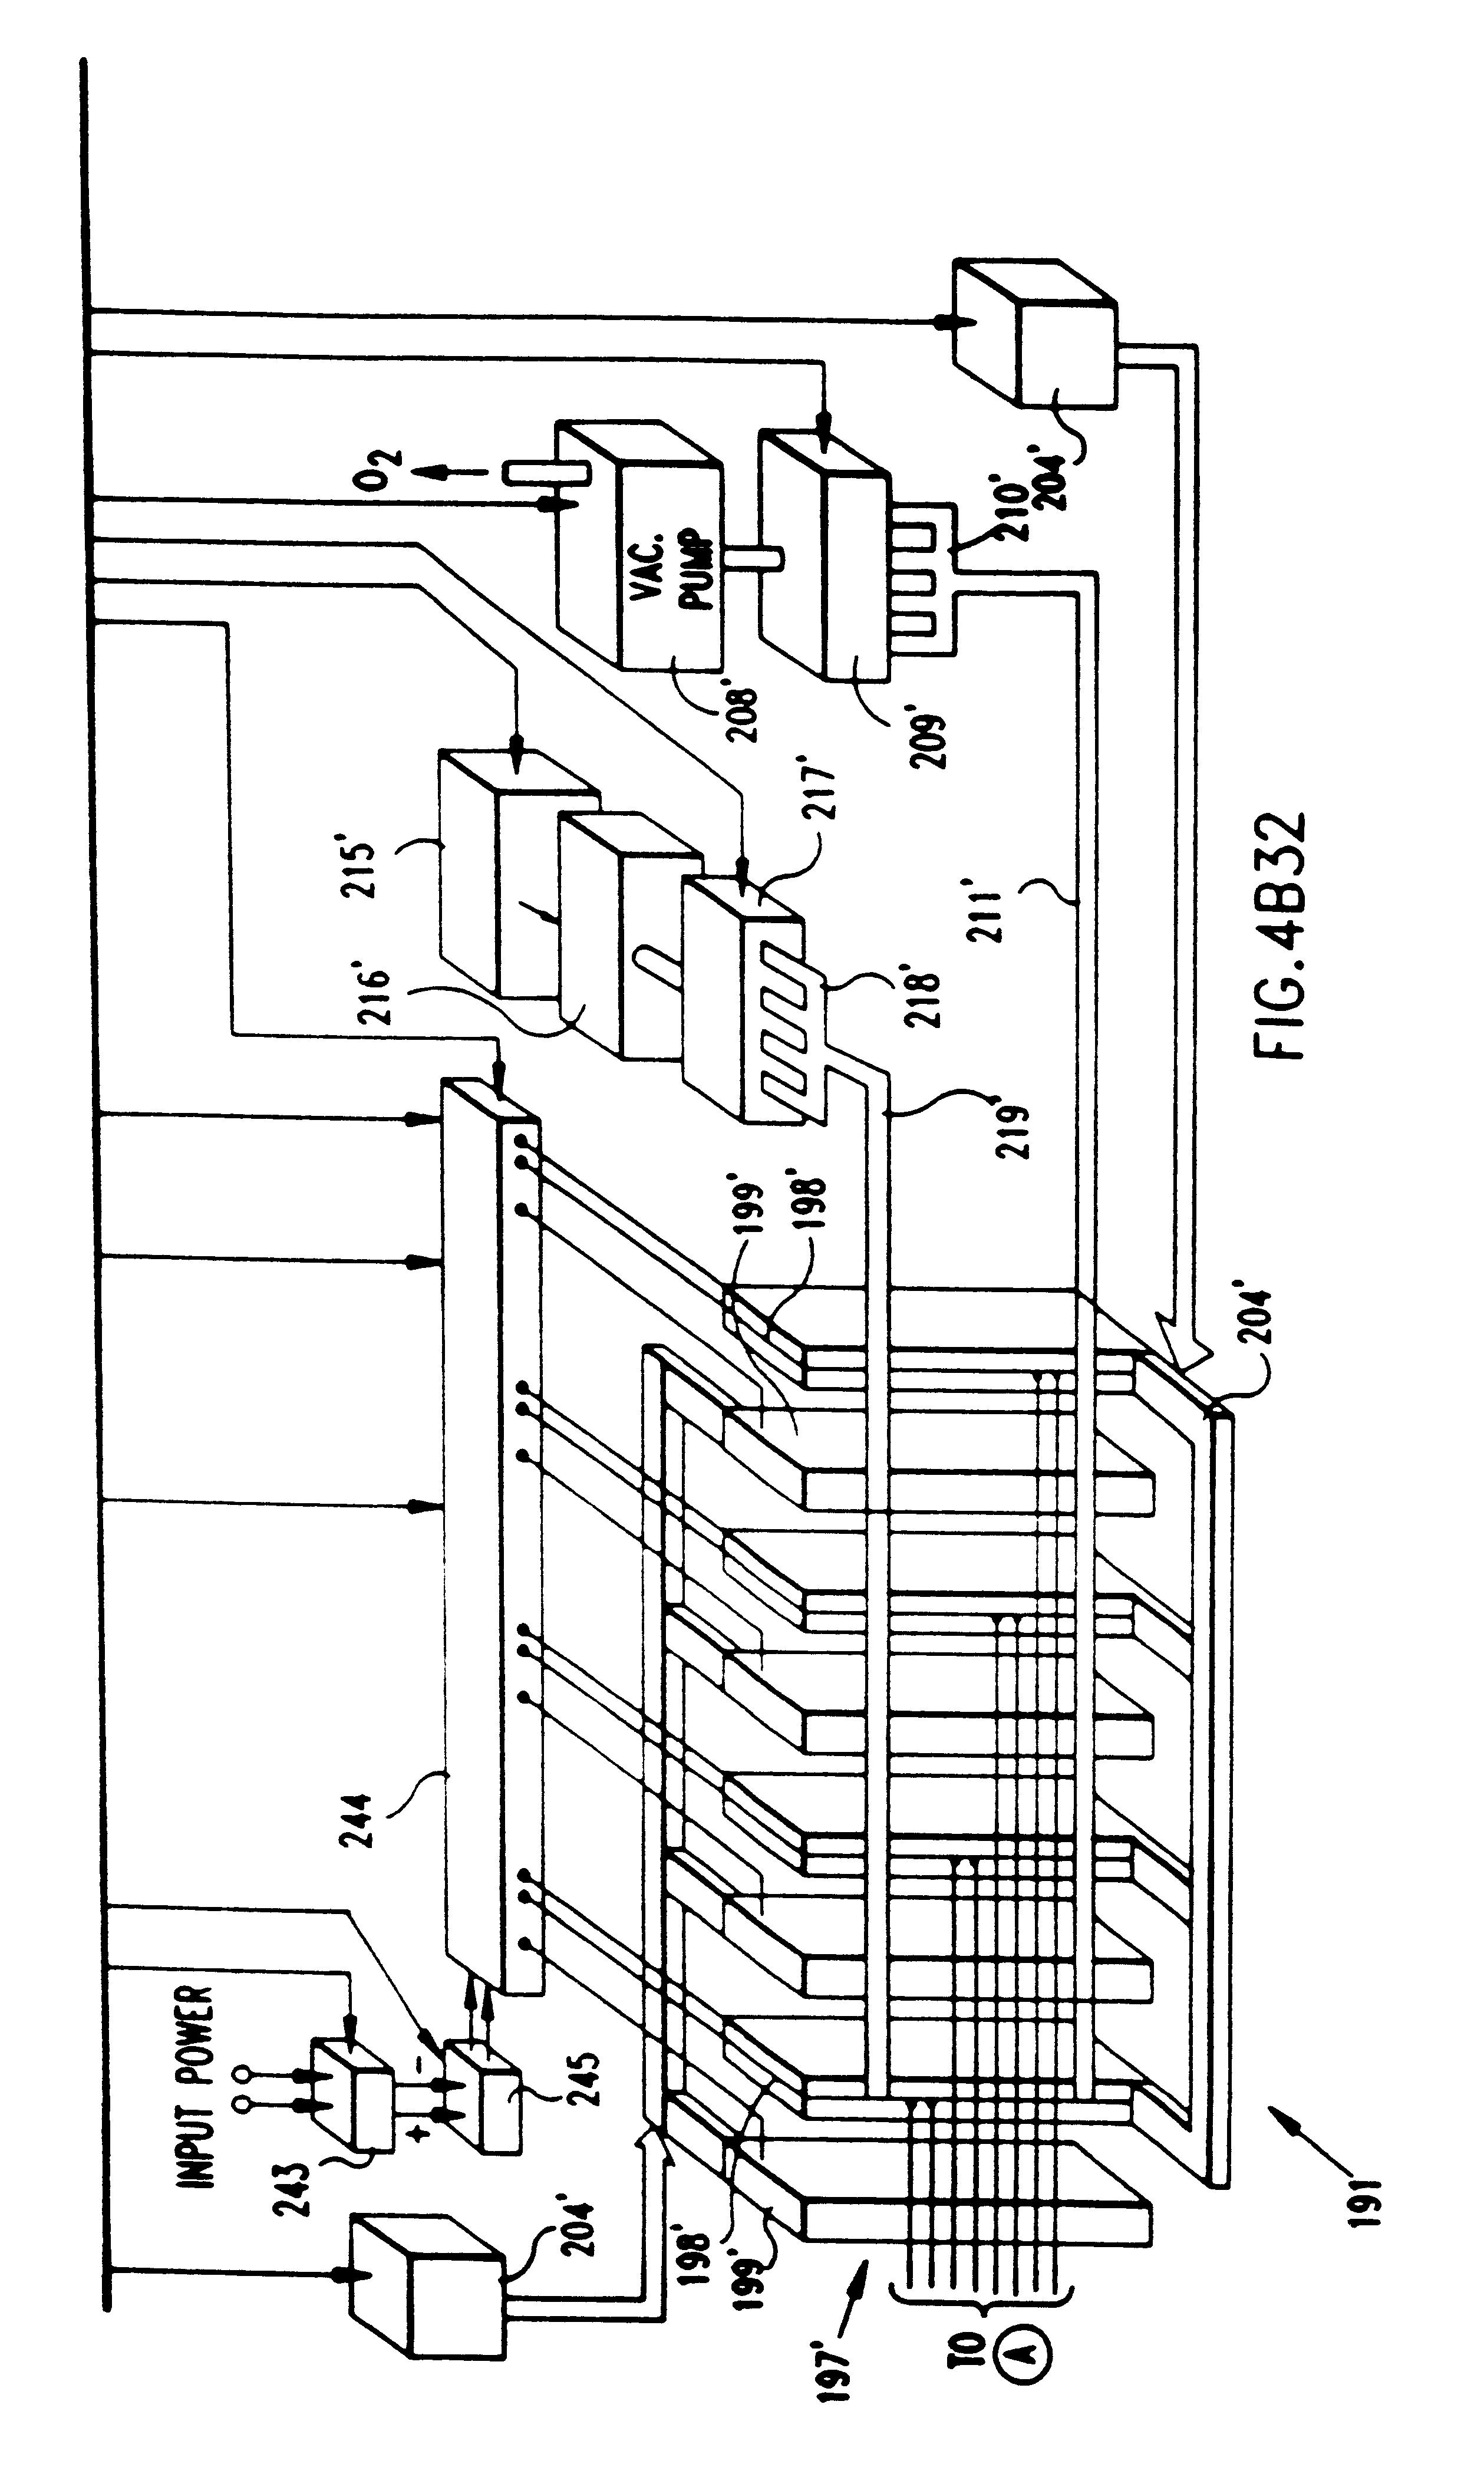 patent us6306534